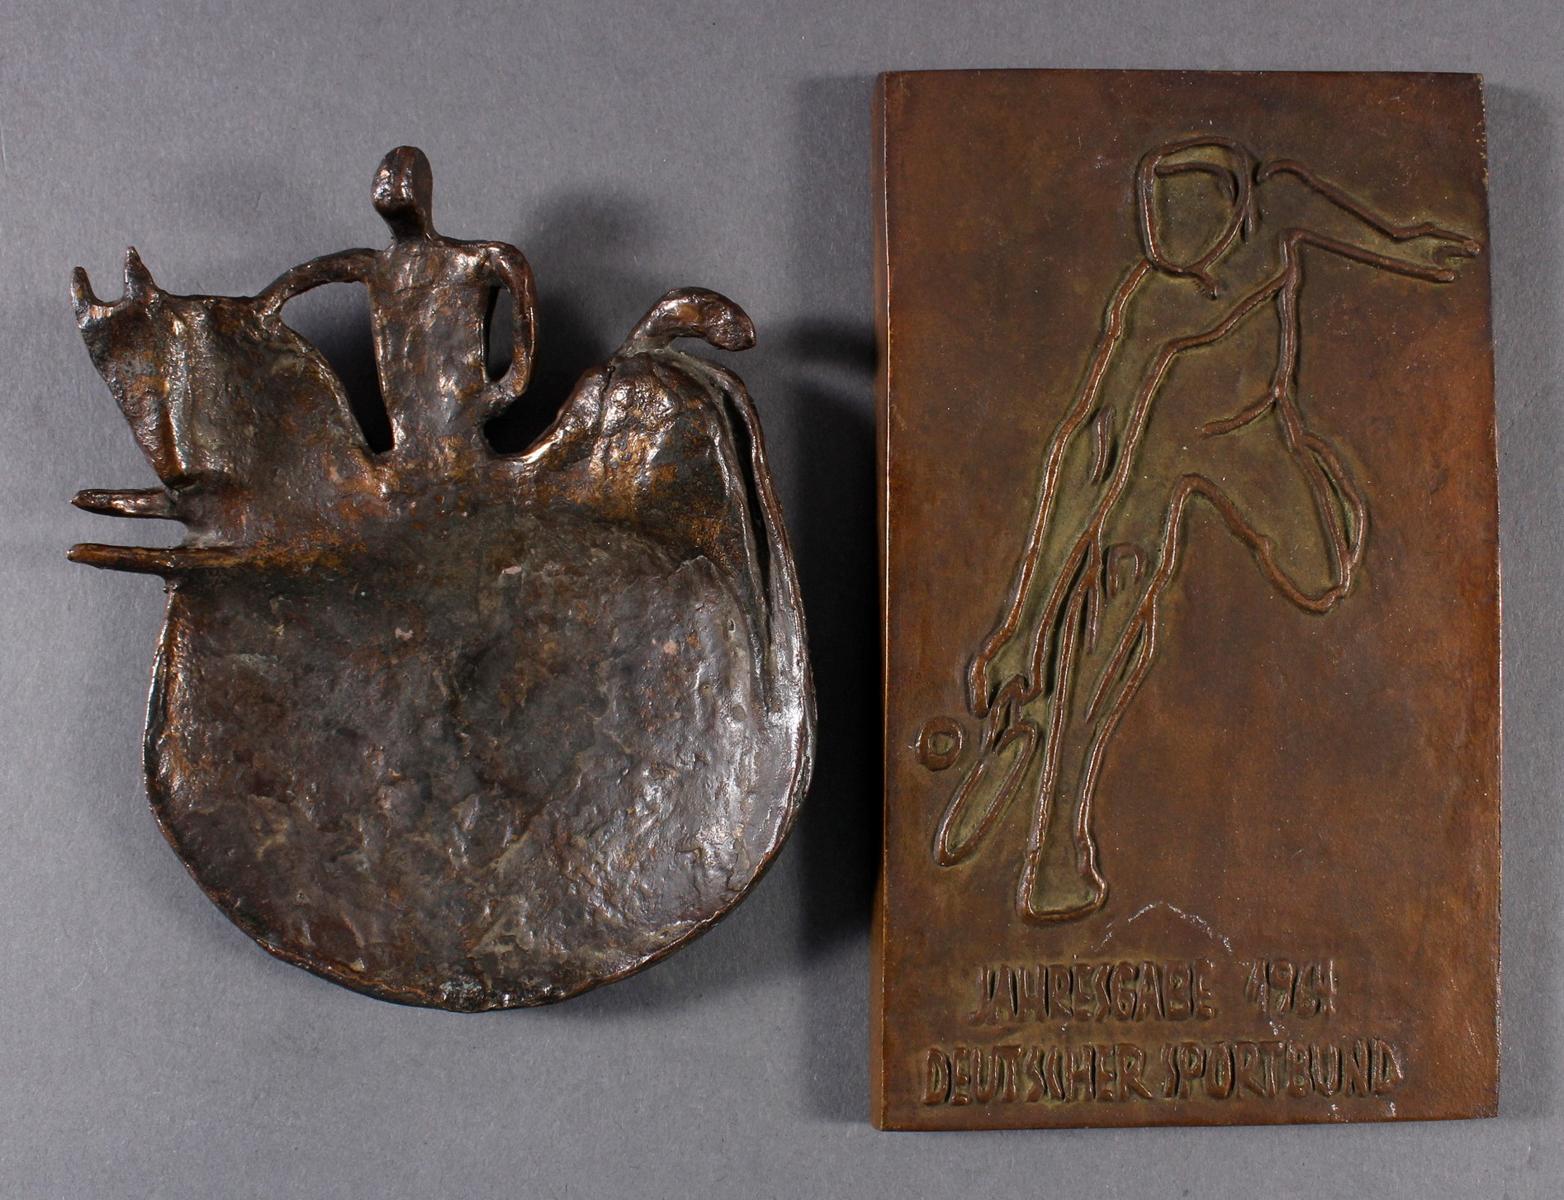 2 Jahresgaben des Deutschen Sportbundes 1964 und 1967